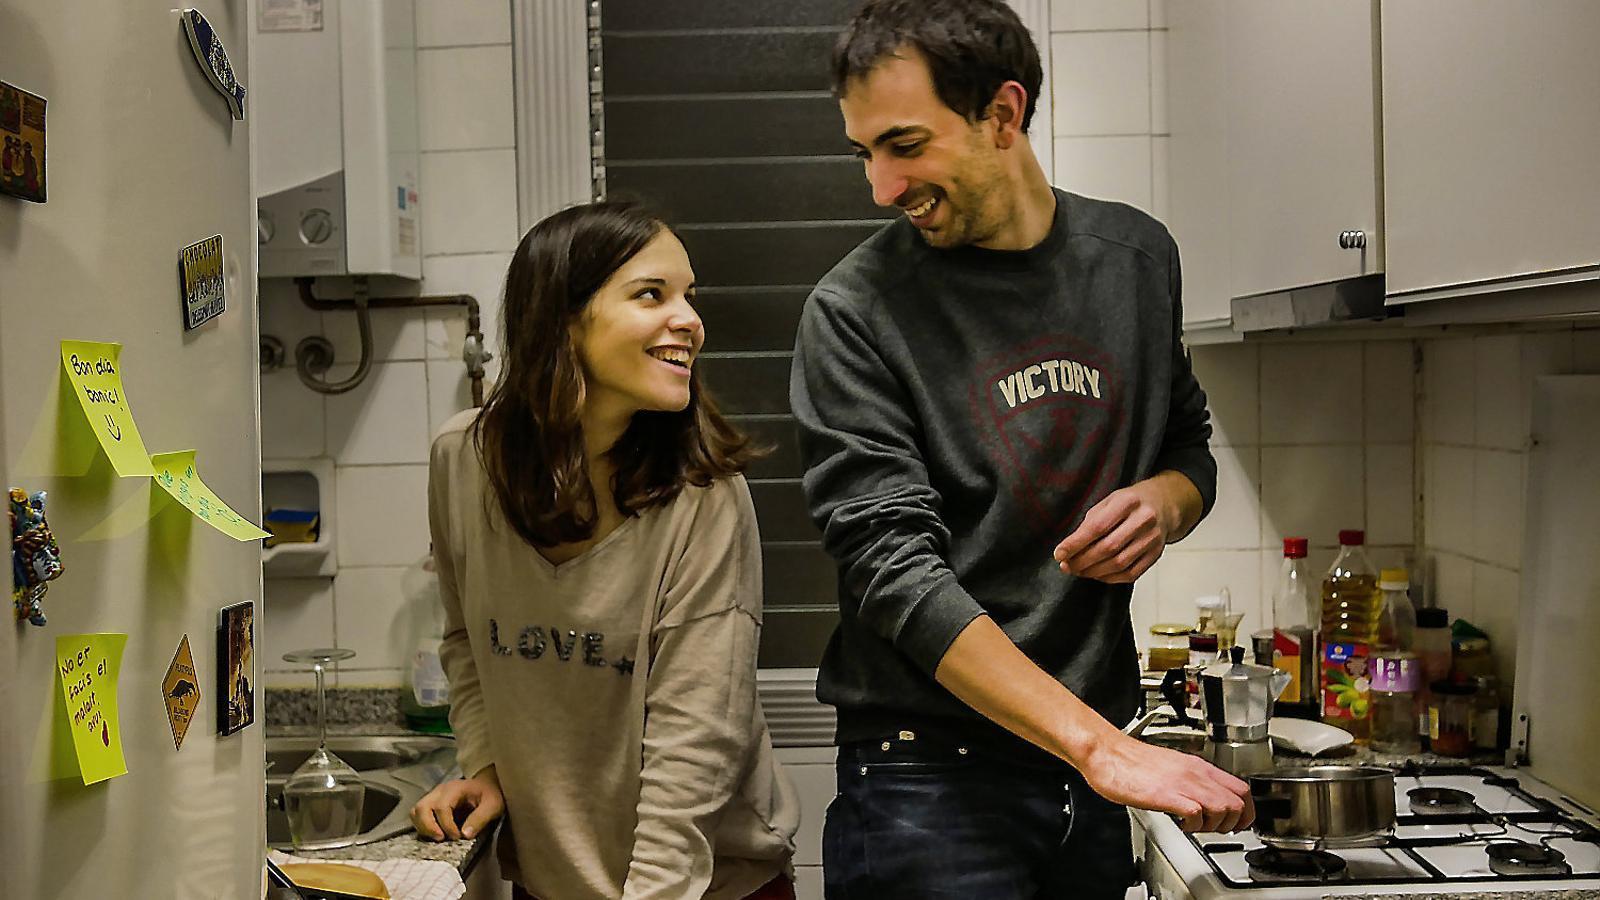 """La Carmen i el Marc fa dos anys que viuen junts. Diuen que el procés d'aprendre a viure junts ha sigut """"bonic i difícil a la vegada""""."""